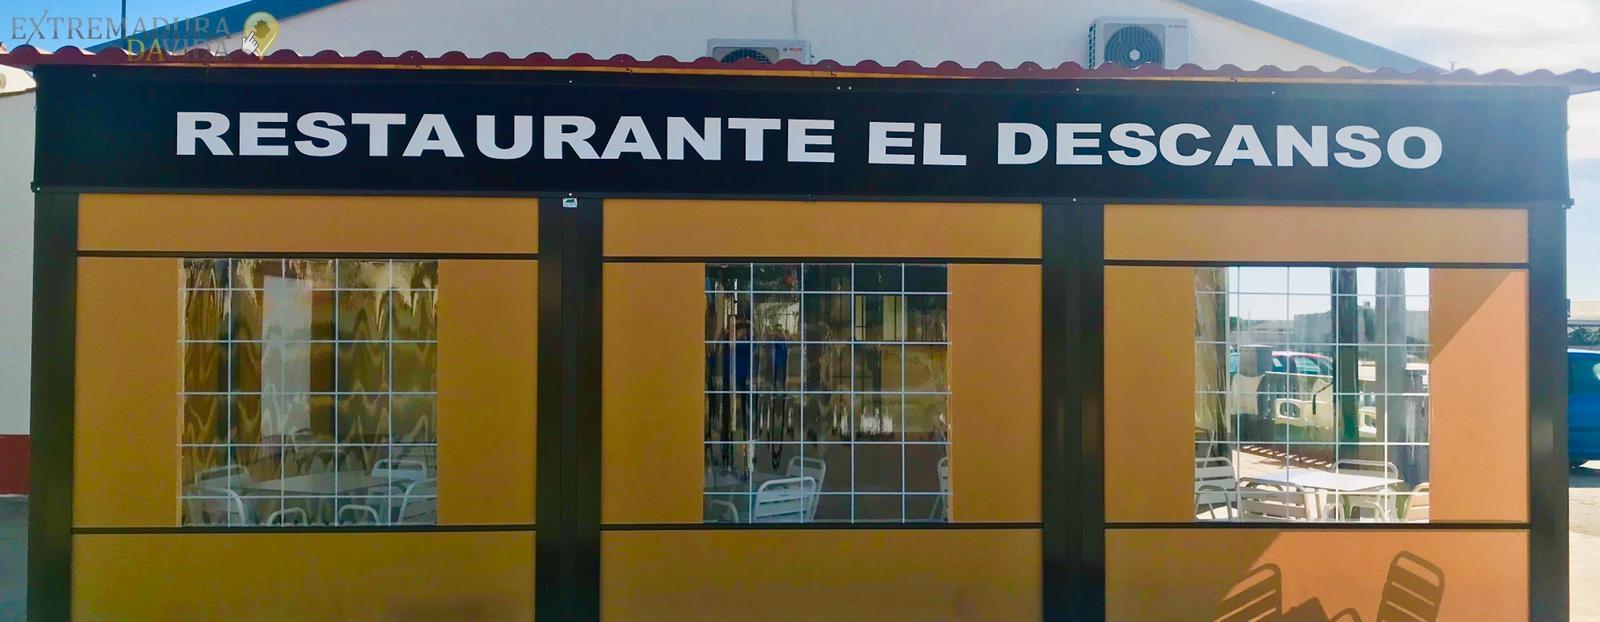 Restaurante Taperia en Almoharin el Descanso